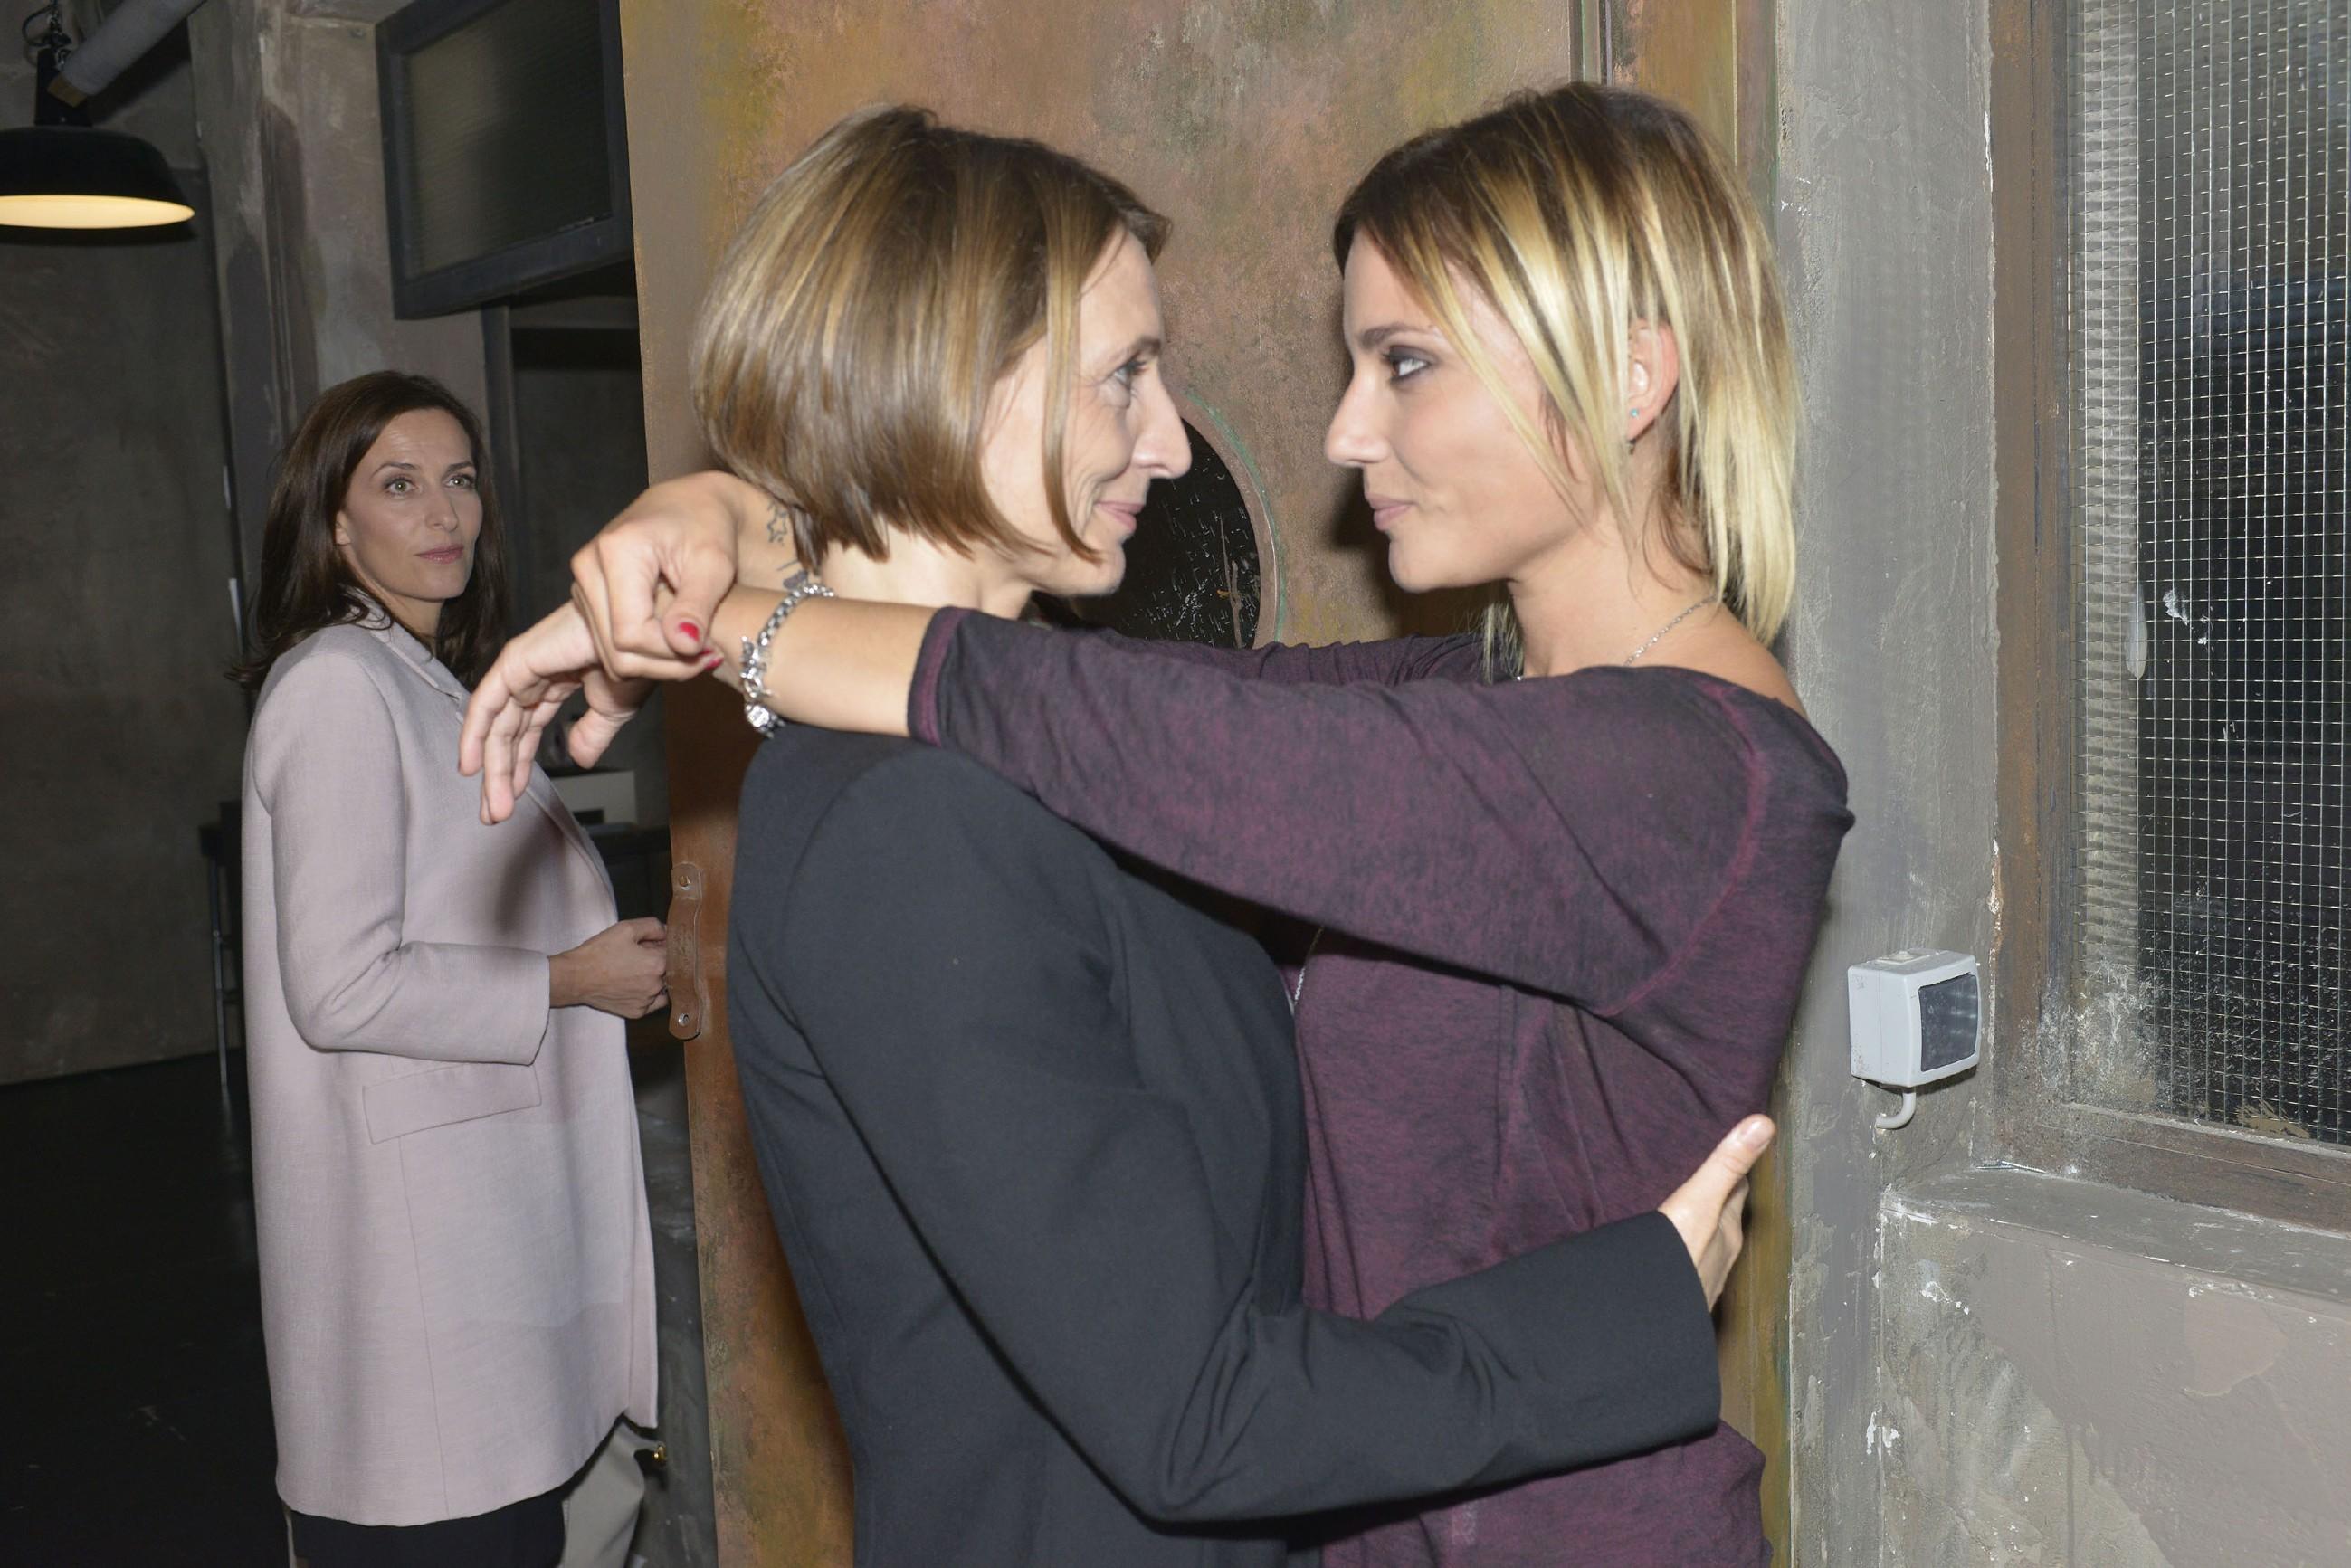 Katrin (Ulrike Frank, l.) wird auf Rosa (Joana Schümer, M.) und Anni (Linda Marlen Runge) als Paar aufmerksam, doch zu Annis Freude steht Rosa souverän zu ihrer Beziehung. (Quelle: RTL / Rolf Baumgartner)